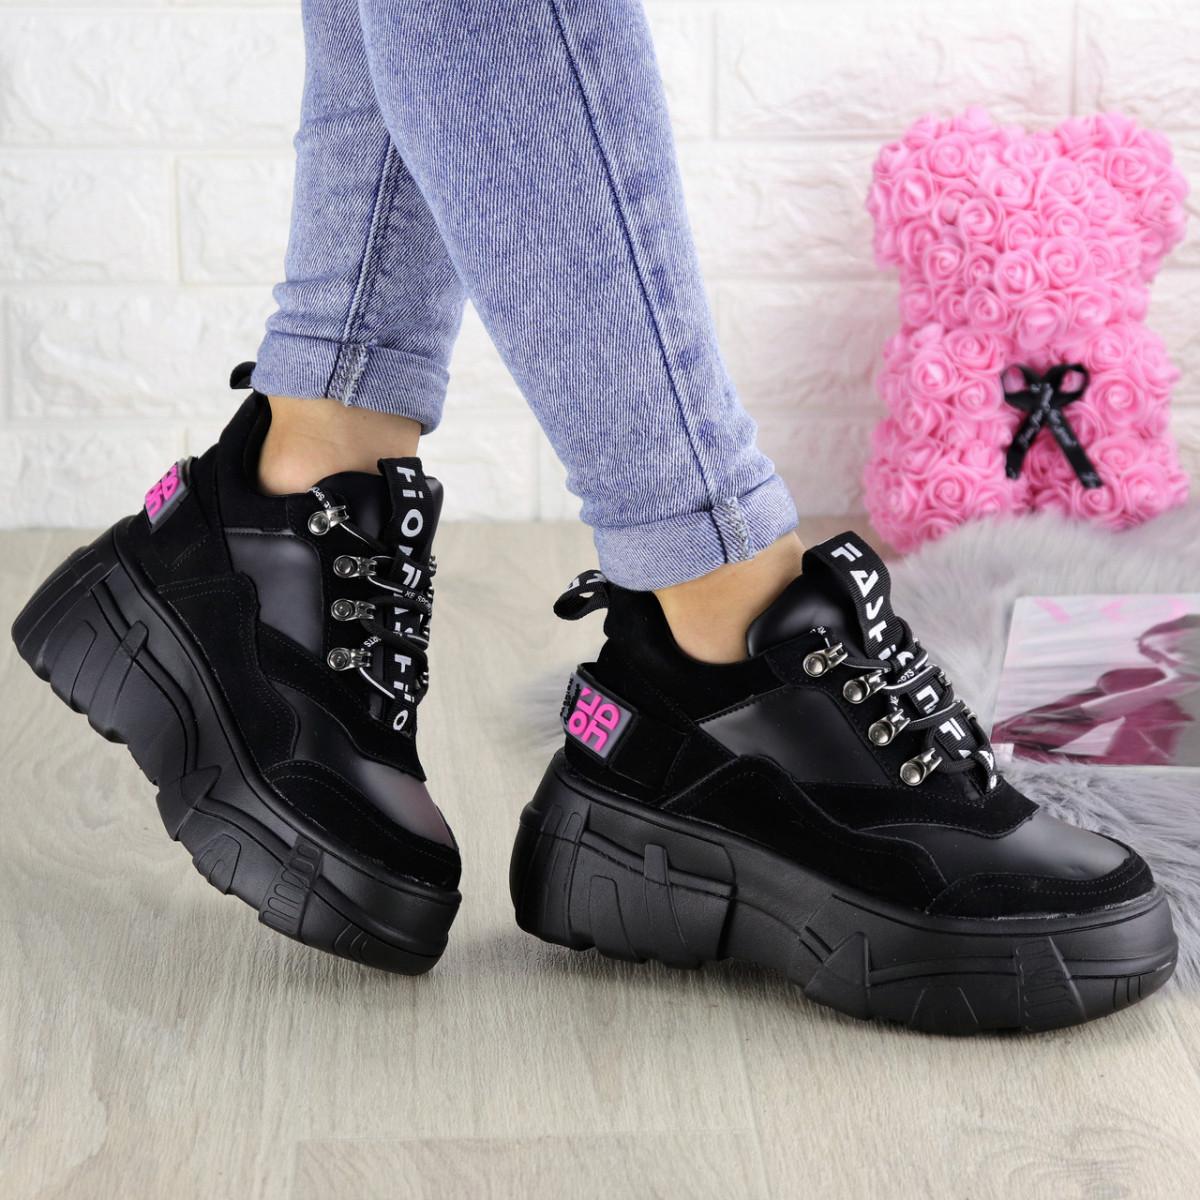 Женские кроссовки Fashion Harper 1302 38 размер 23,5 см Черный